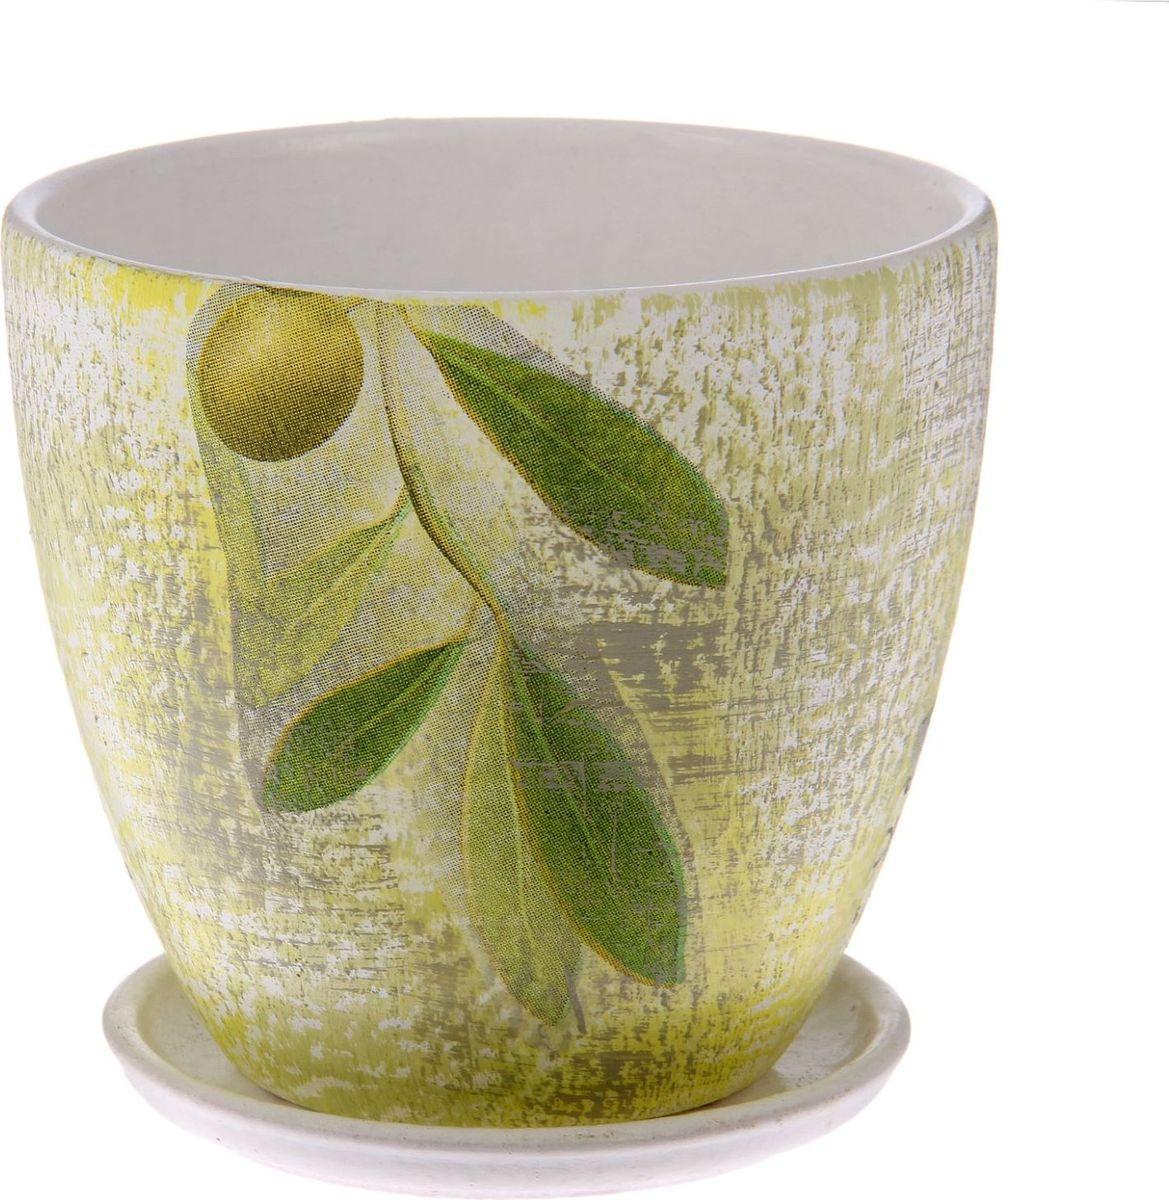 Кашпо Олива, цвет: зеленый, 0,8 лK100Комнатные растения — всеобщие любимцы. Они радуют глаз, насыщают помещение кислородом и украшают пространство. Каждому из них необходим свой удобный и красивый дом. Кашпо из керамики прекрасно подходят для высадки растений: за счёт пластичности глины и разных способов обработки существует великое множество форм и дизайновпористый материал позволяет испаряться лишней влагевоздух, необходимый для дыхания корней, проникает сквозь керамические стенки! #name# позаботится о зелёном питомце, освежит интерьер и подчеркнёт его стиль.